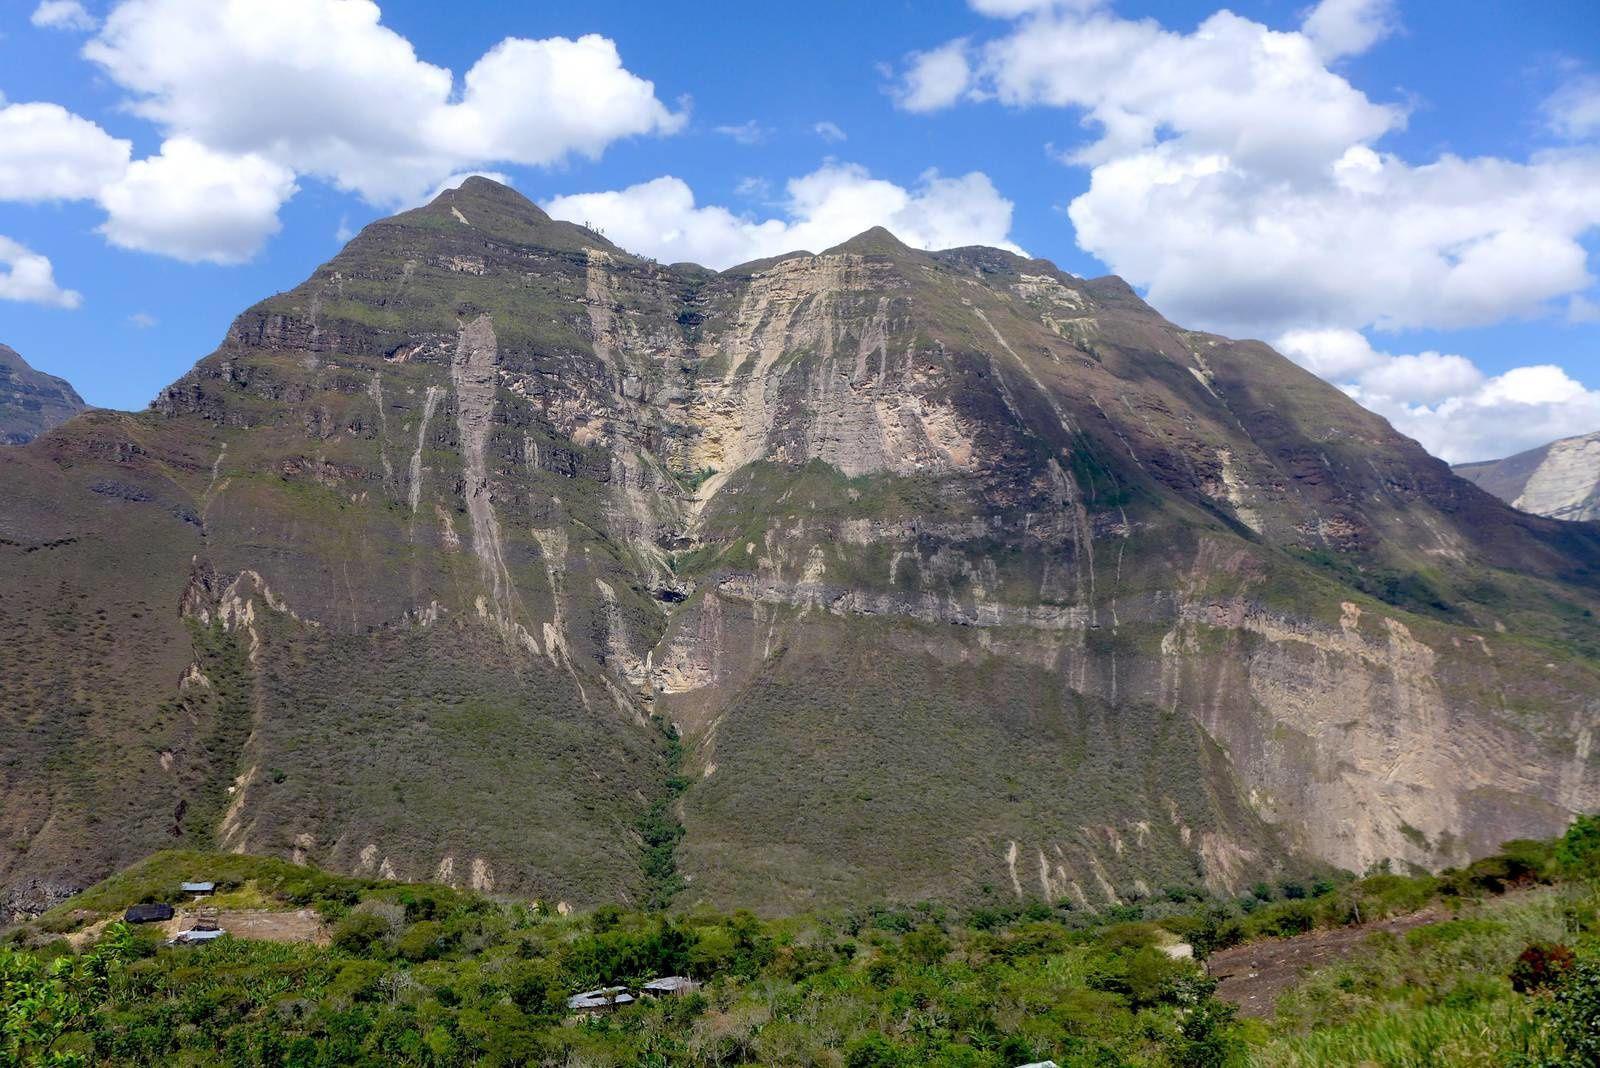 Paysage vue lors de notre montée à San Pablo